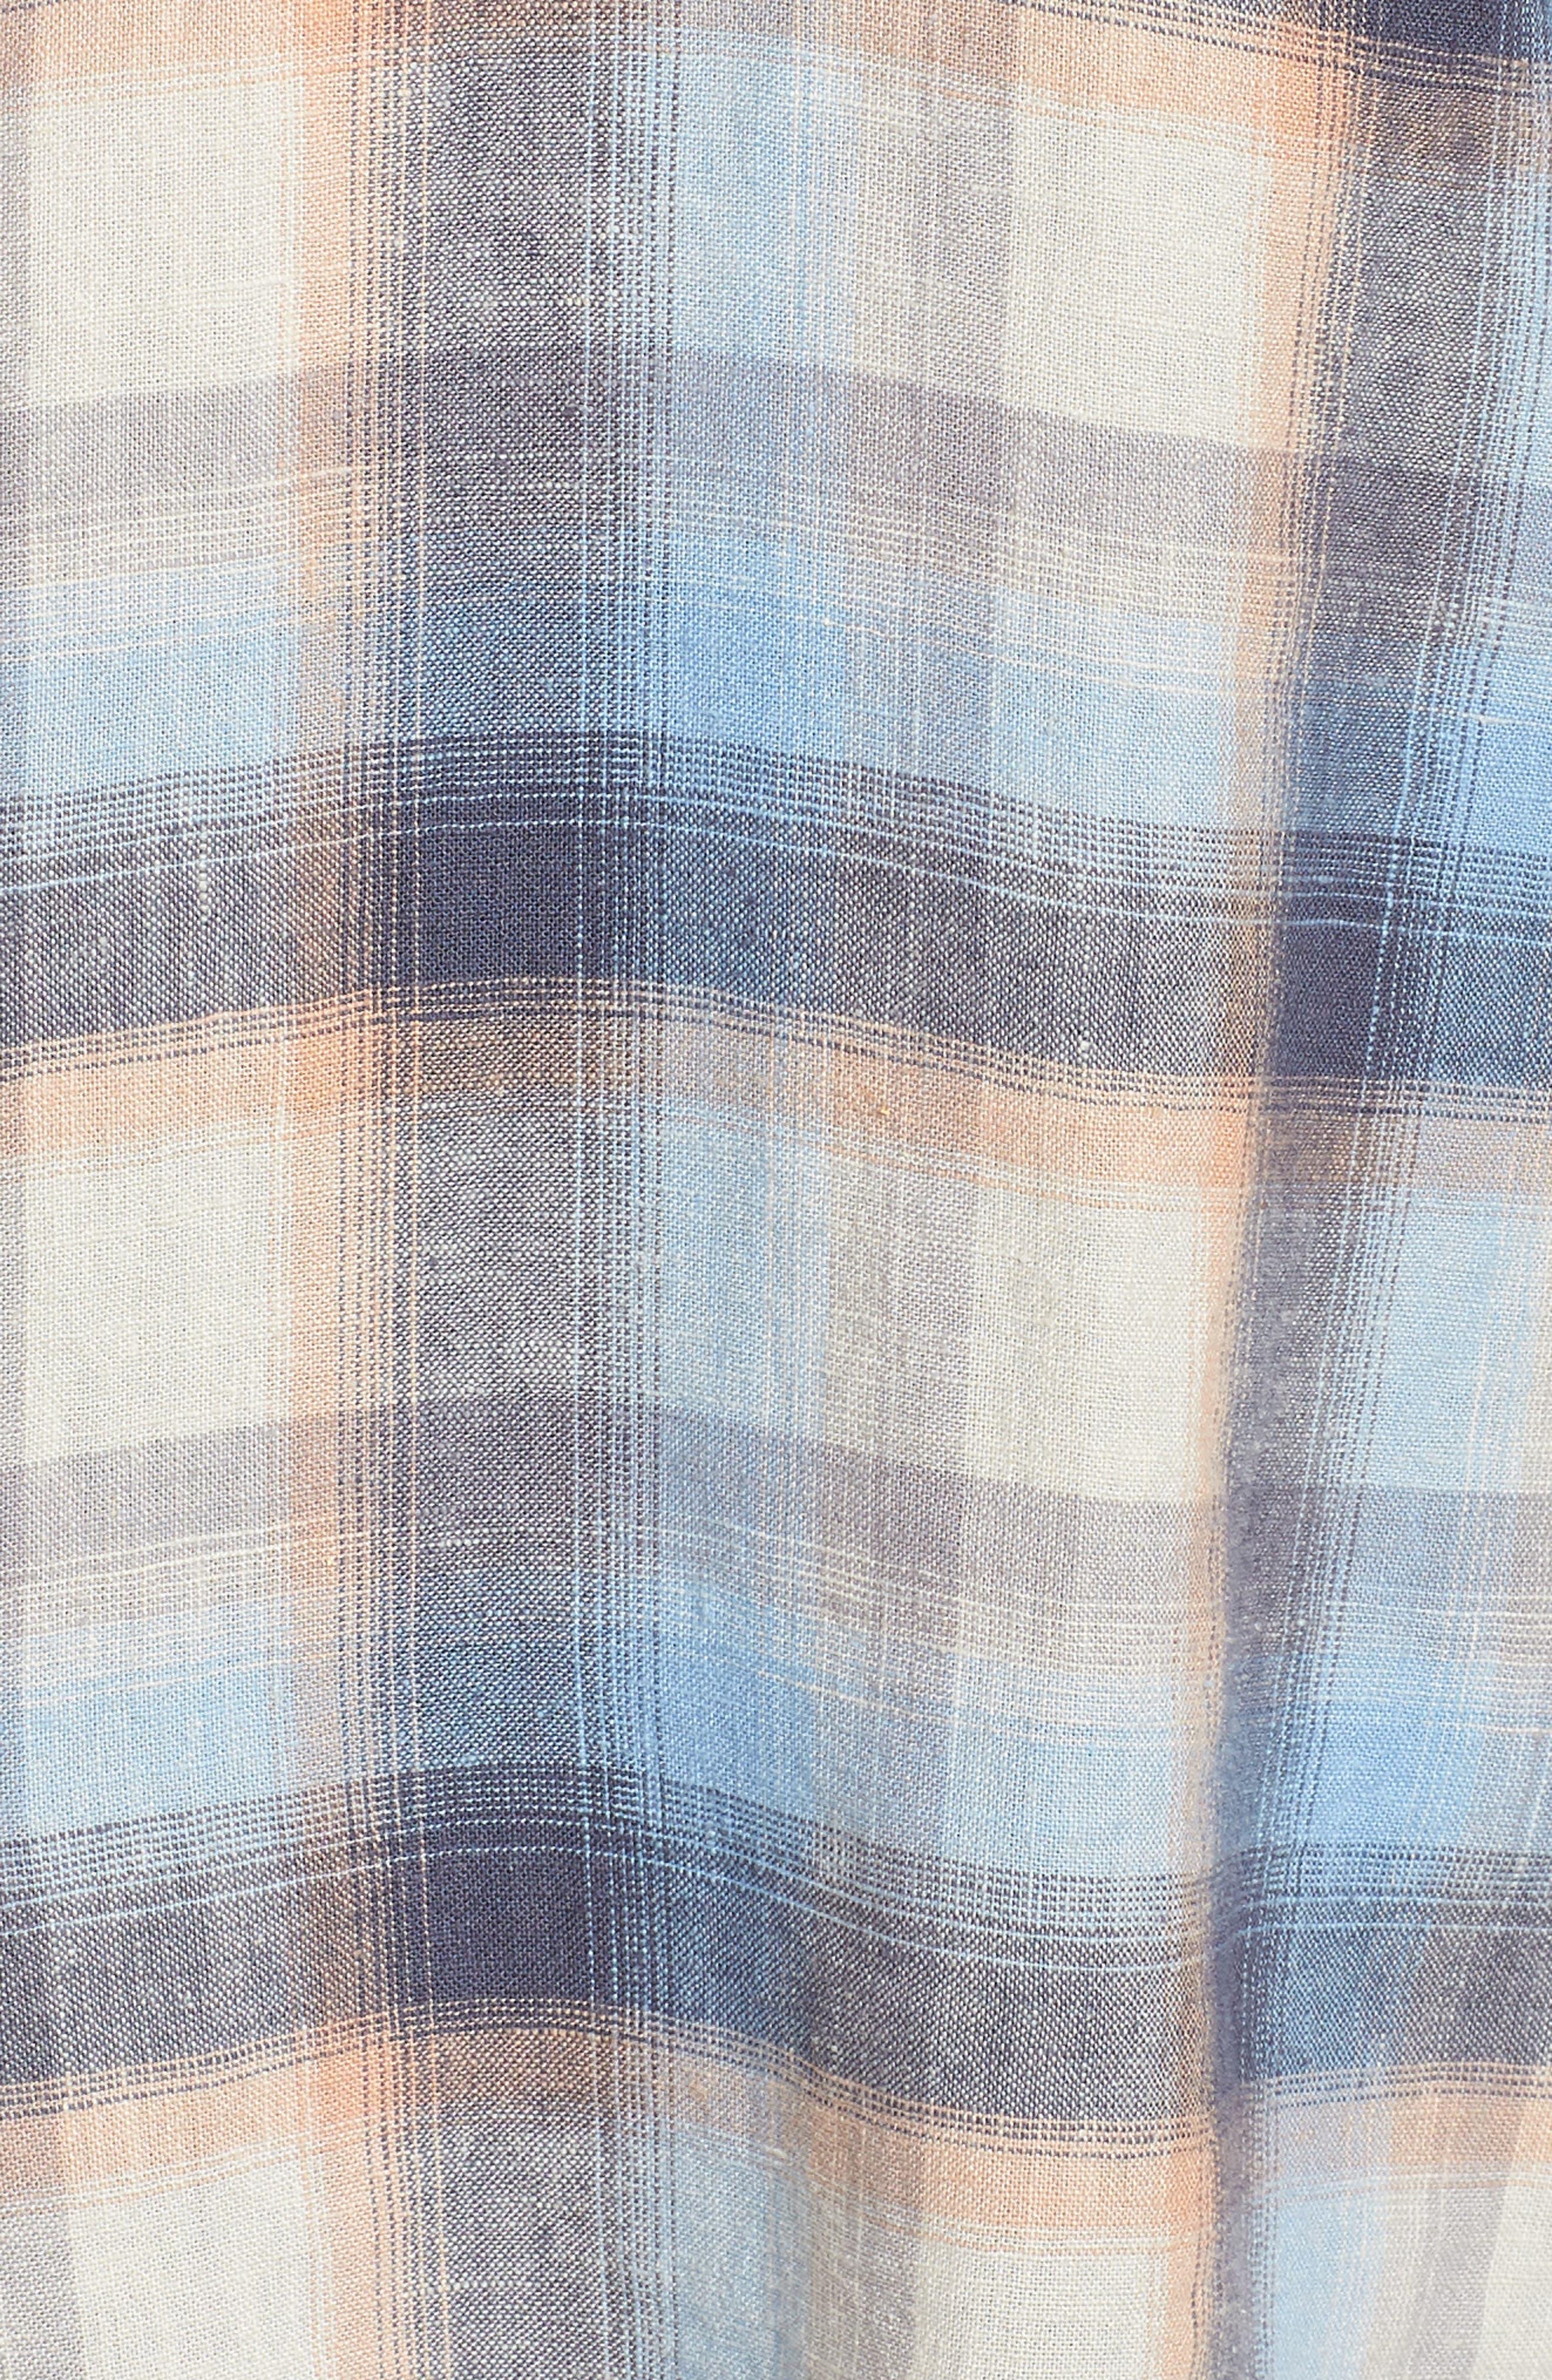 Plaid Linen Blend Shirt,                             Alternate thumbnail 6, color,                             420